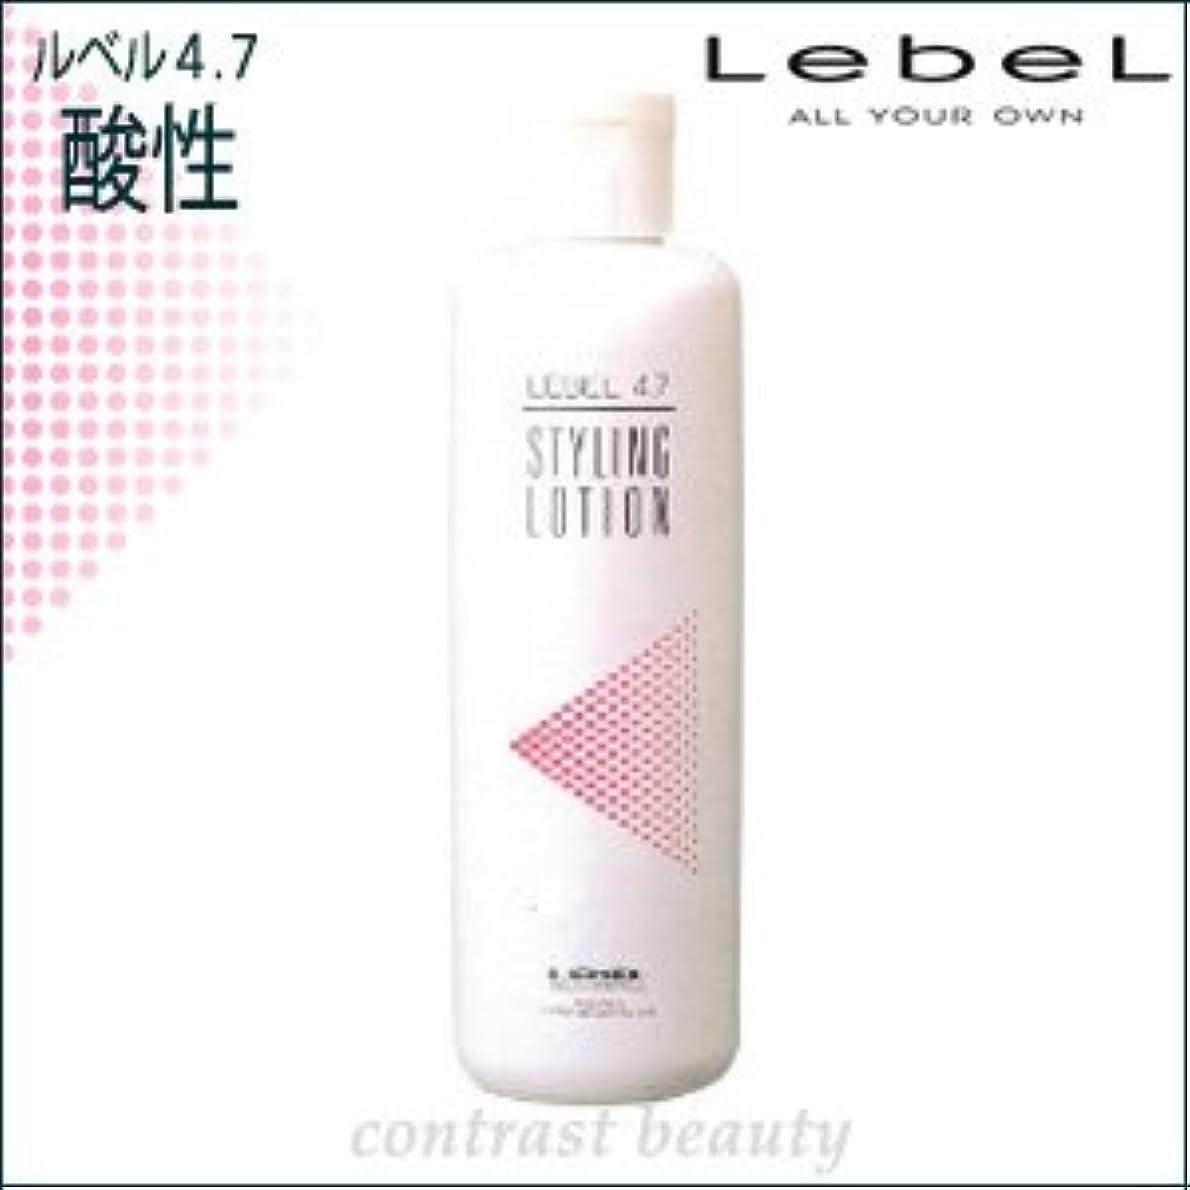 東賢明な省略する【X2個セット】 ルベルコスメティックス/LebeL 4.7酸性 スタイリングローション 400ml